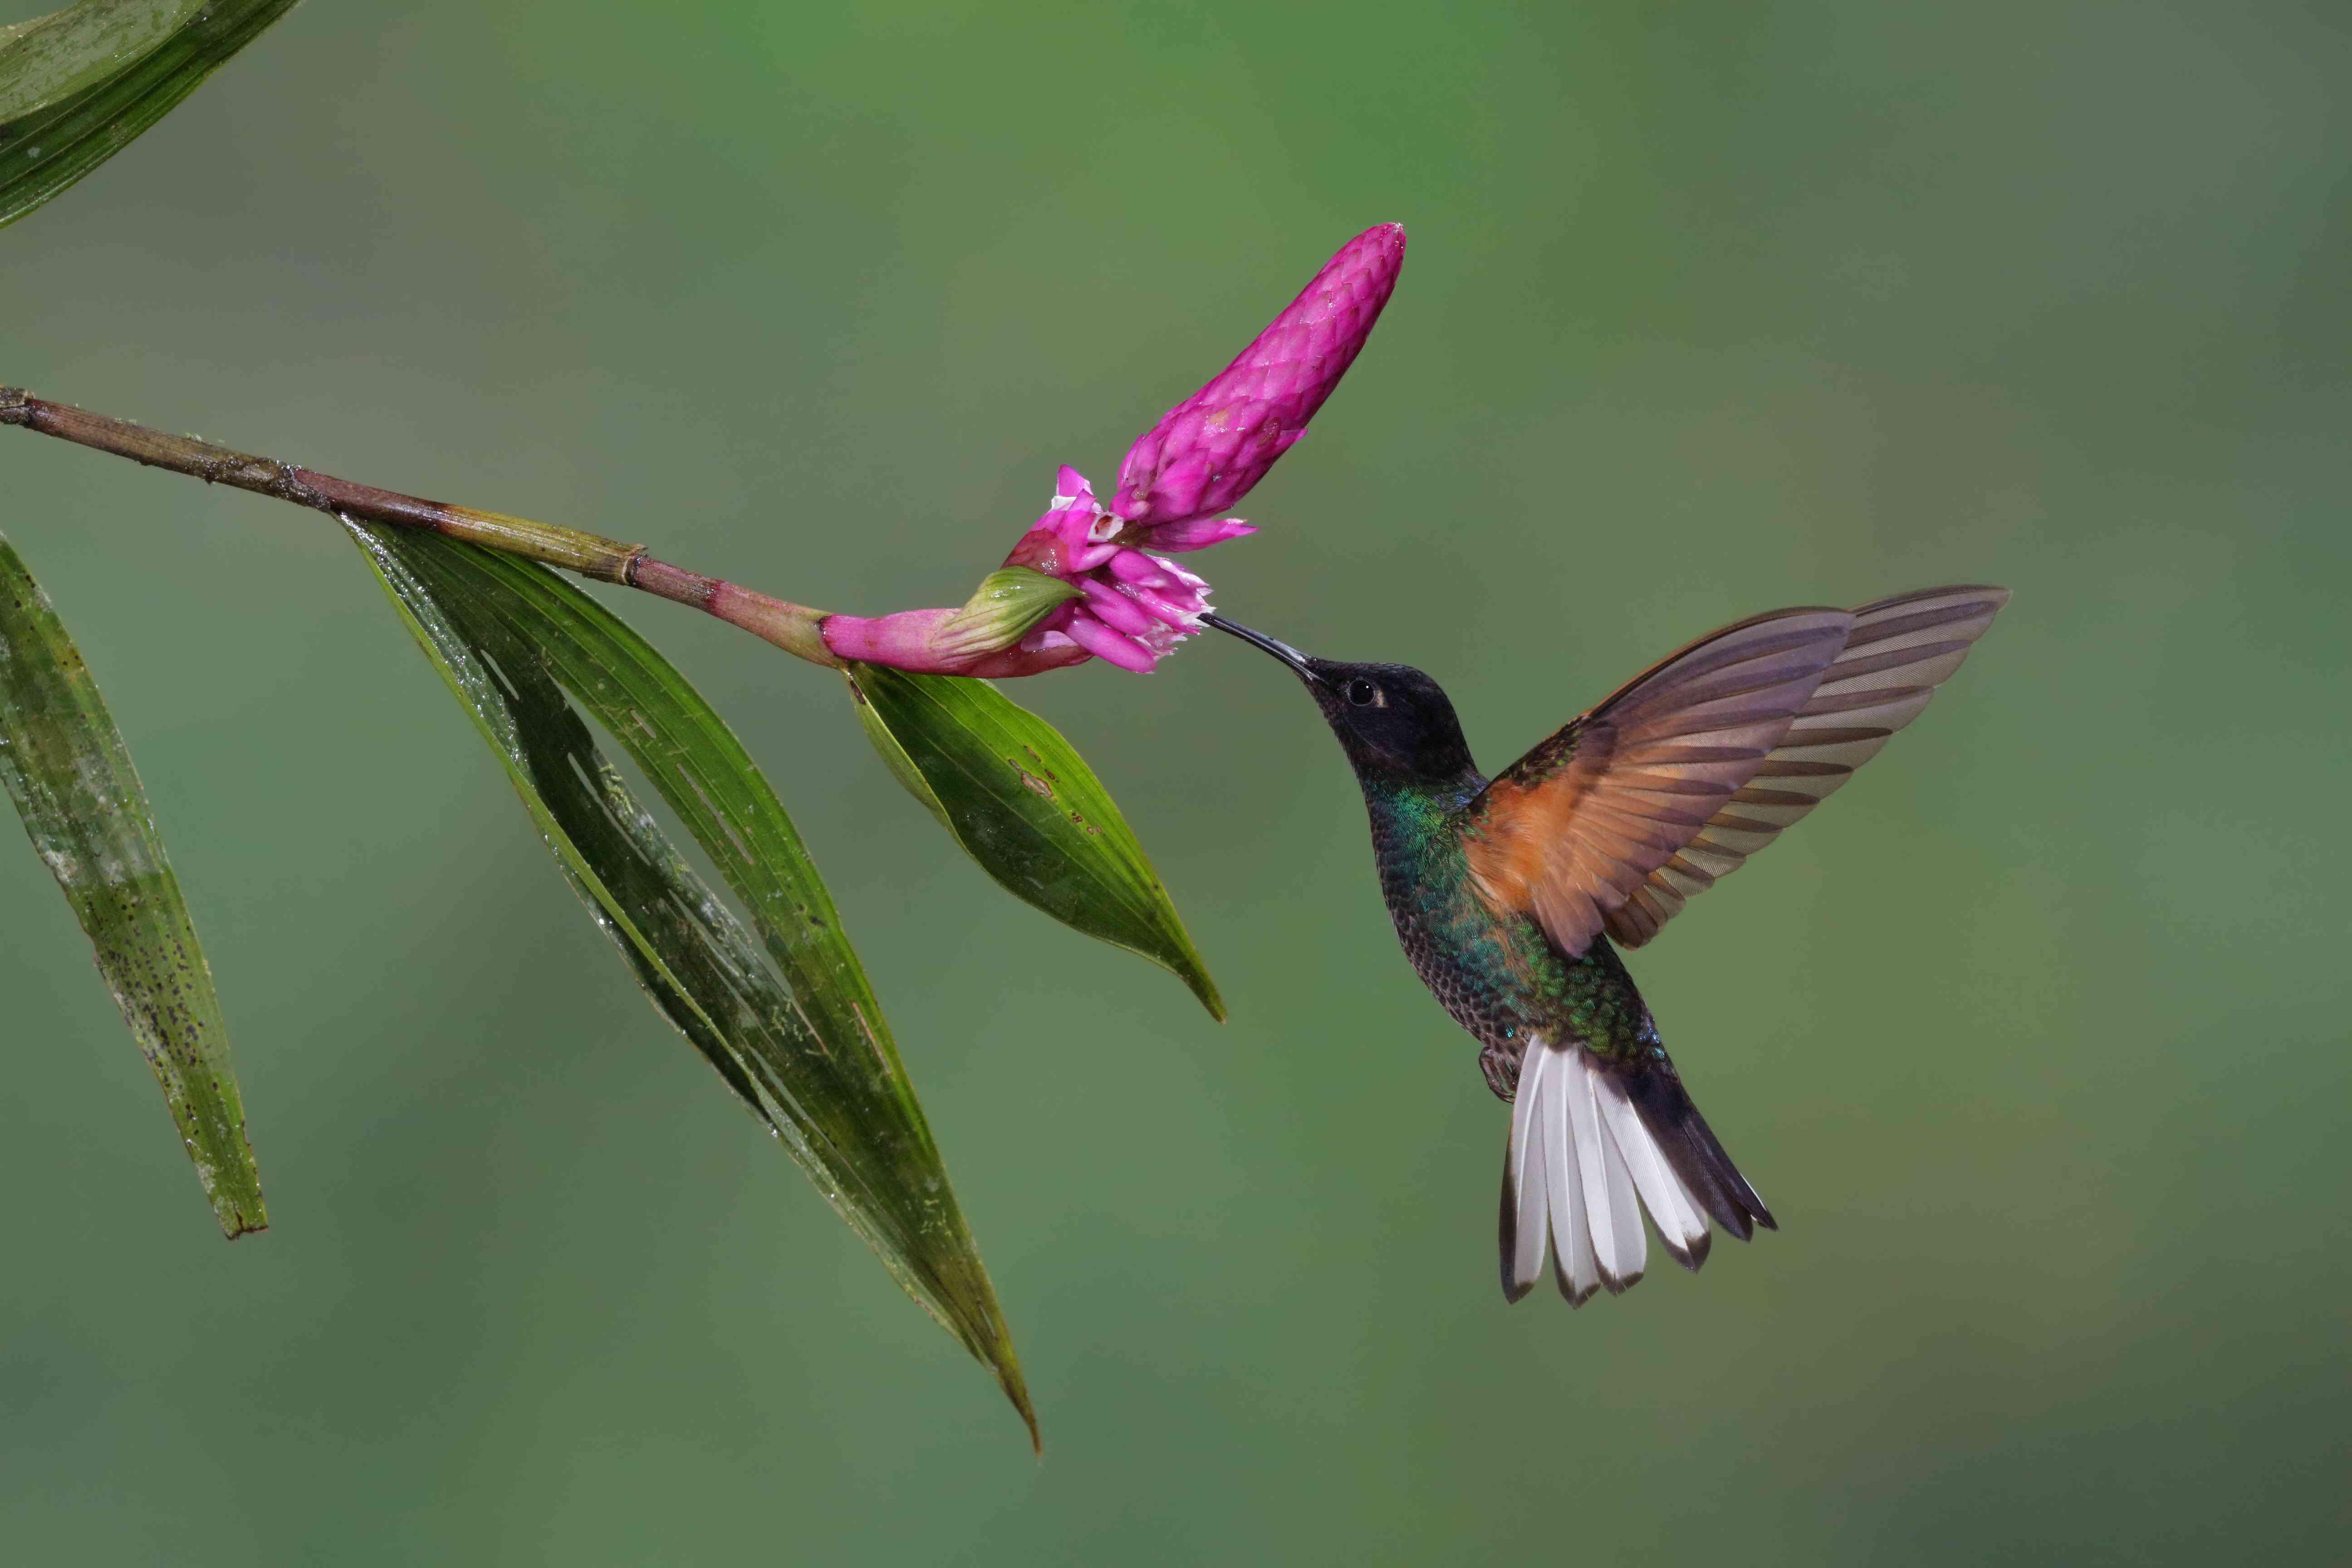 Velvet-purple coronet hummingbird feeding on pink flower